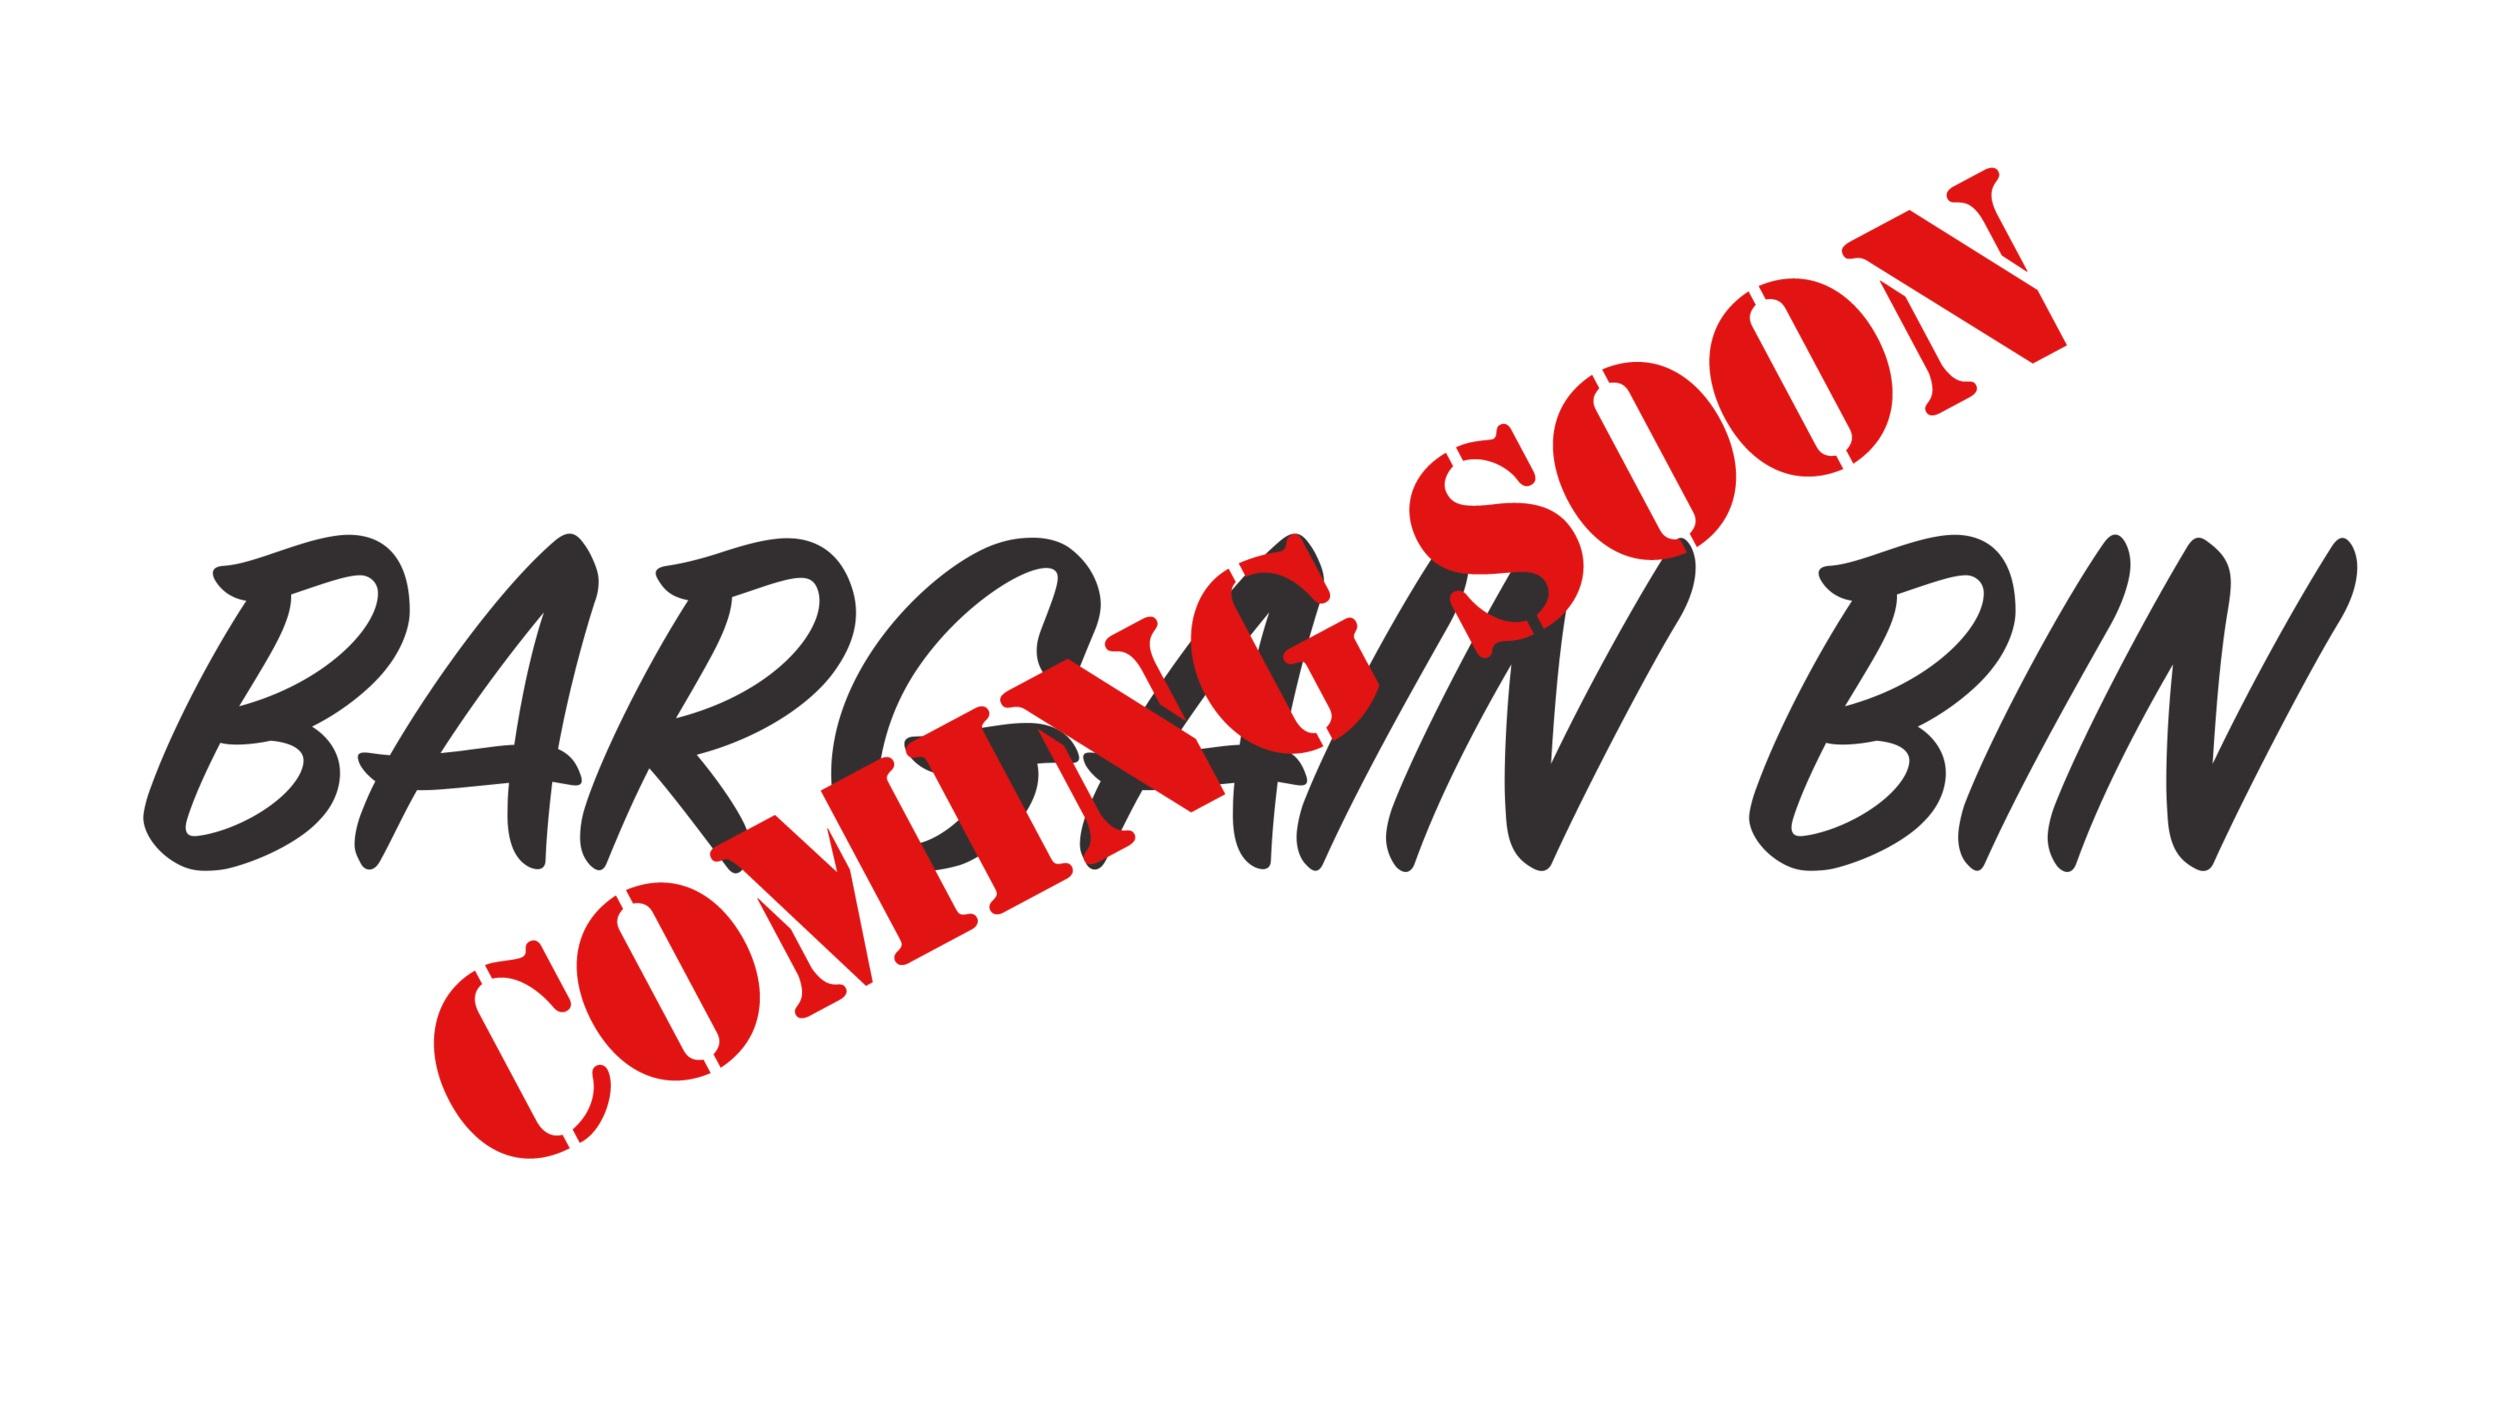 bargainbincomingsoon.png